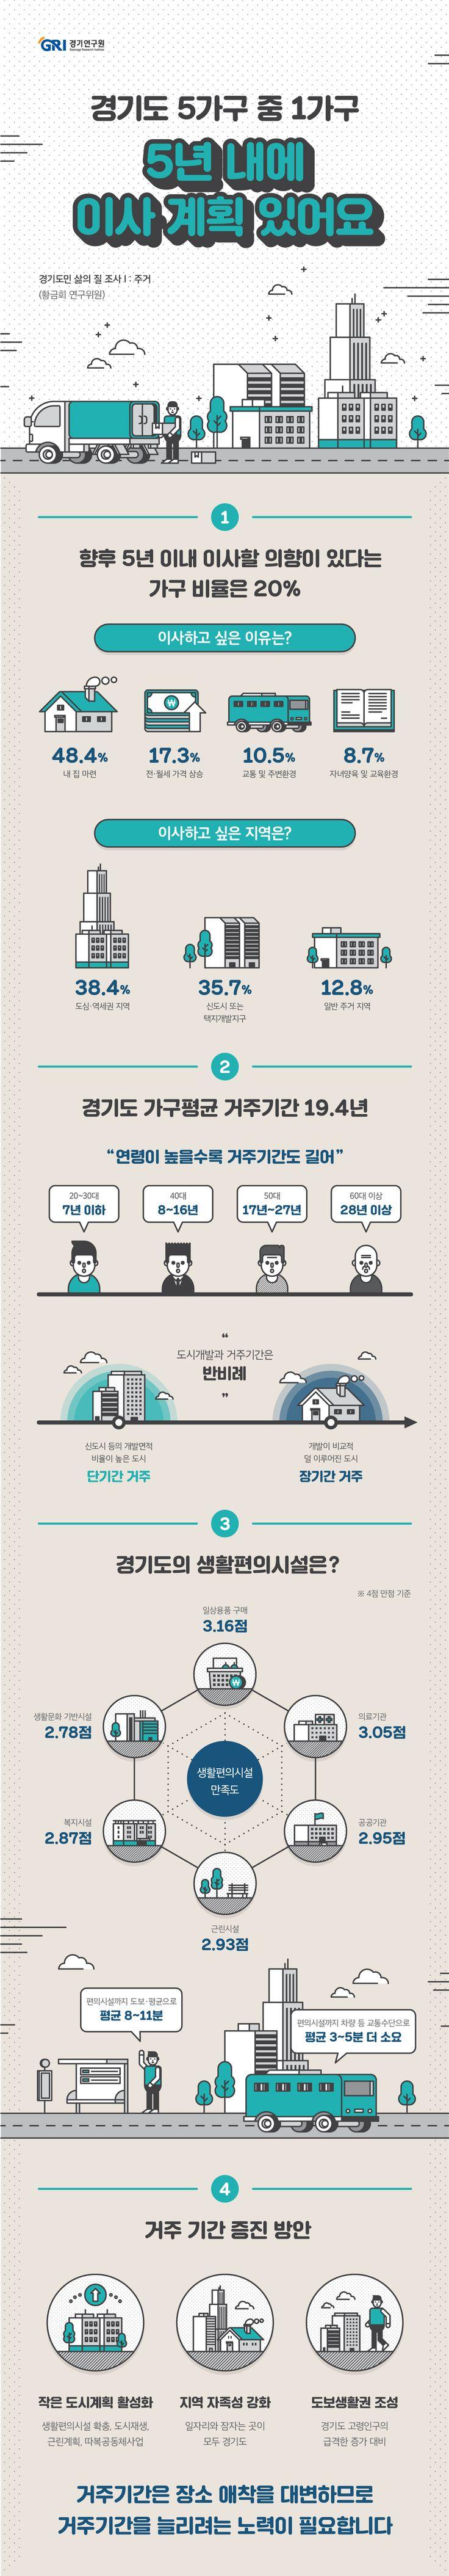 [infographic] '5년 내에 이사 계획 있어요' 경기도민 삶의 질에 대한 인포그래픽